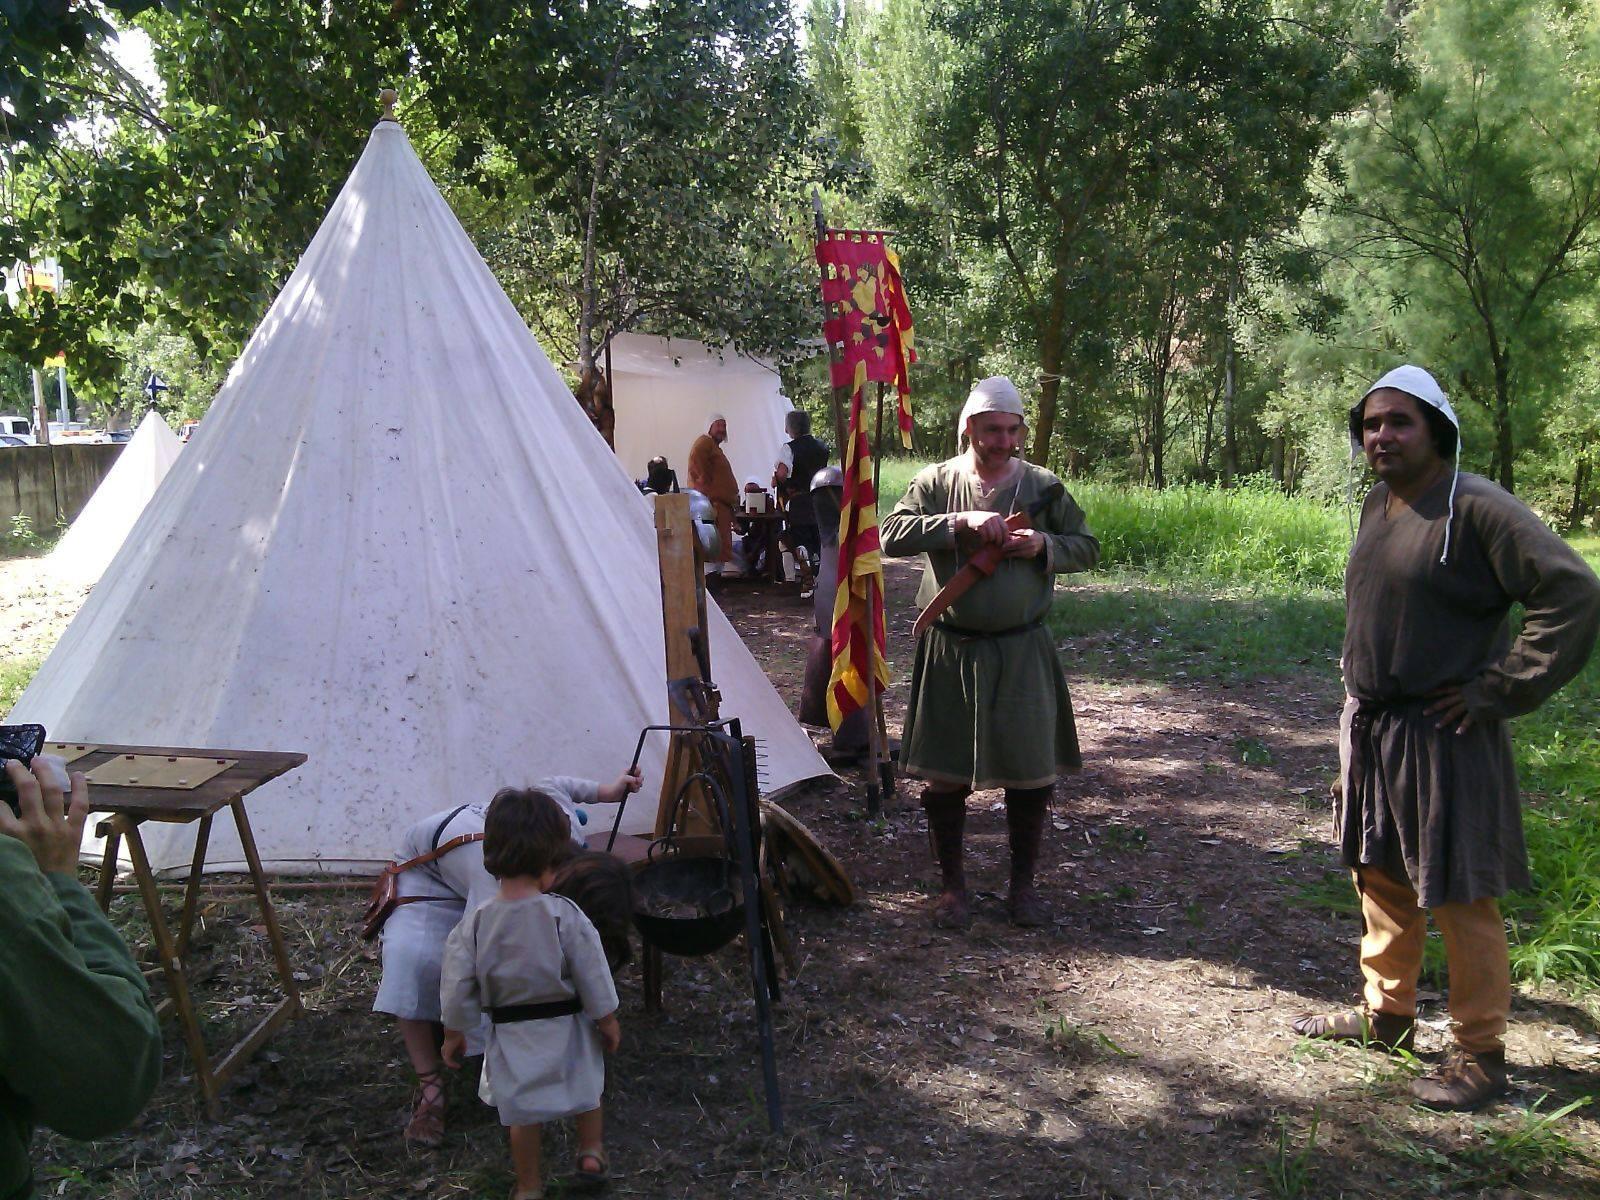 Campamento medieval de los esponsales de Ramon Berenguer IV y Petronila de Aragón en Barbastro